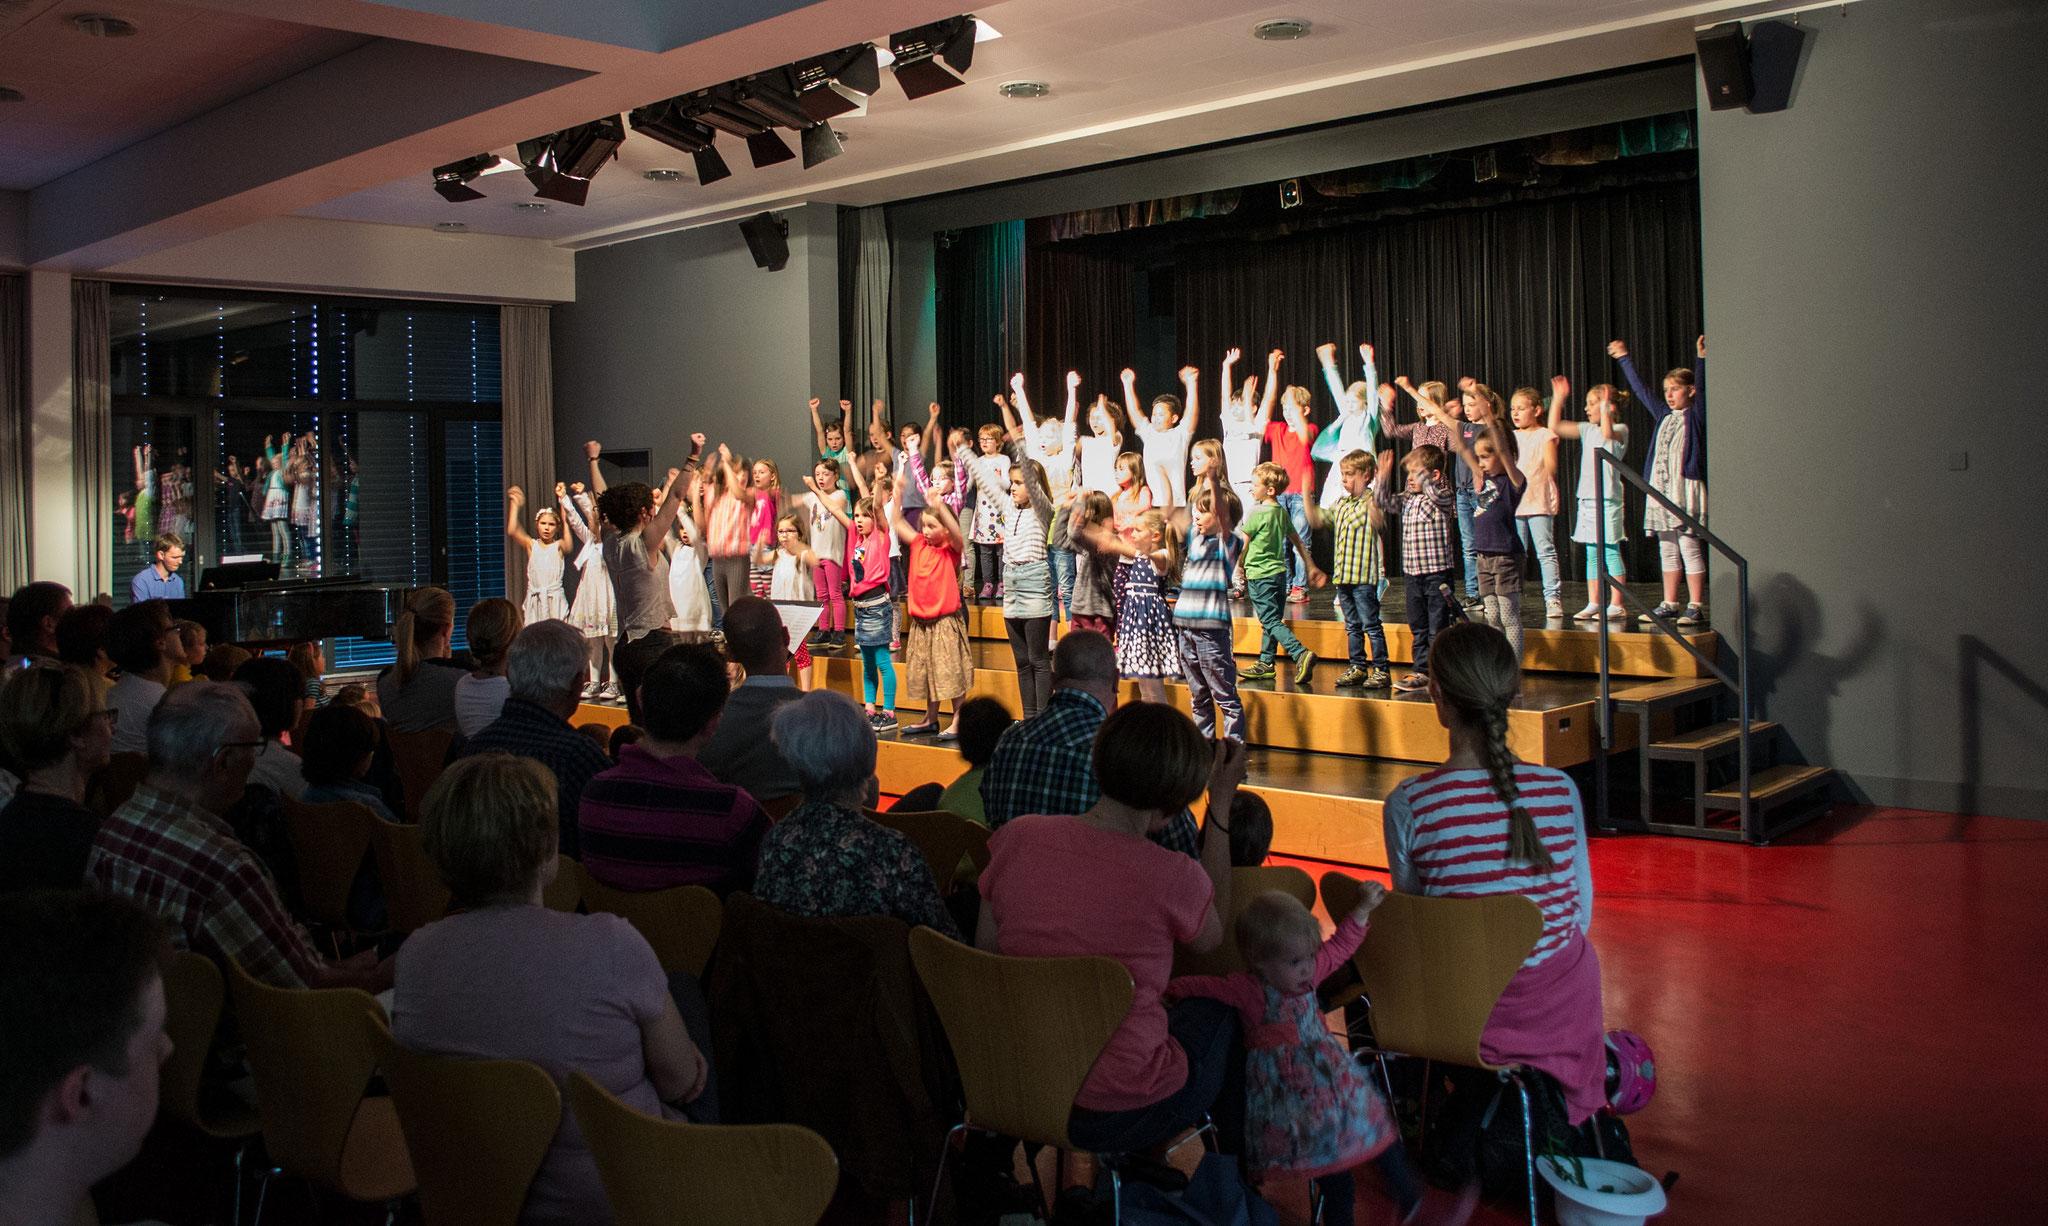 Kinderchor Konzert, Zug, 08.04.2017